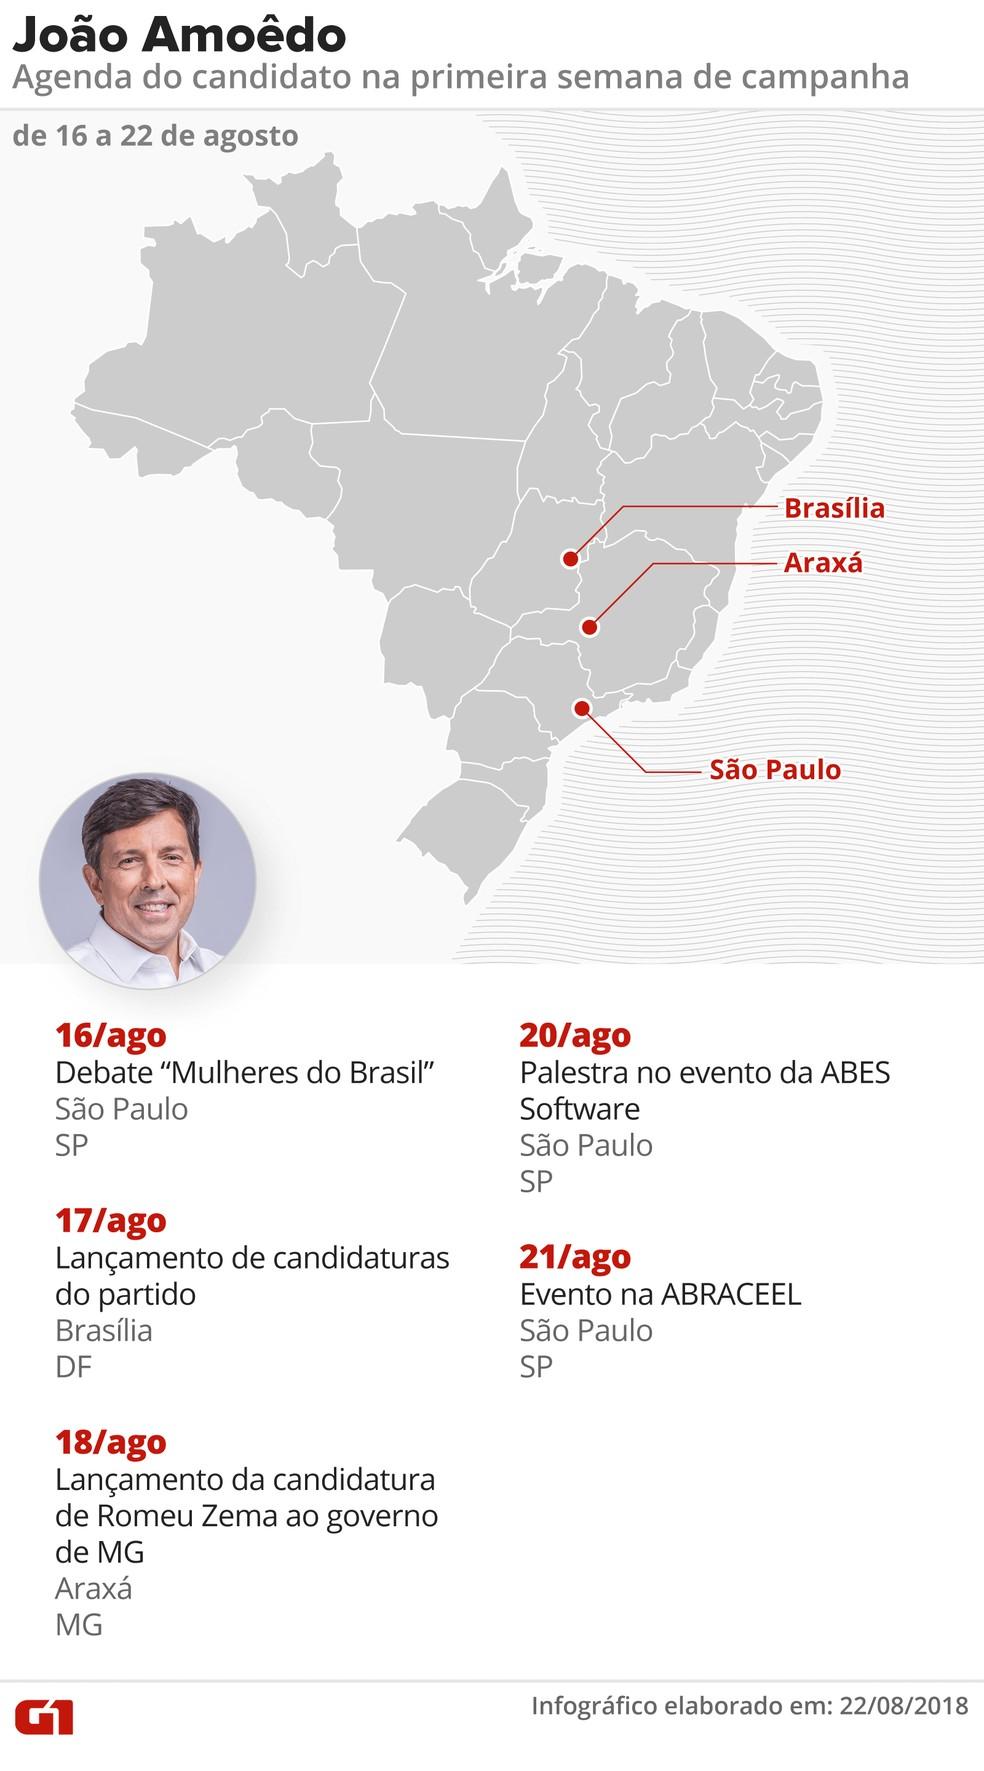 Agenda de João Amoêdo (Novo) na primeira semana da campanha presidencial (Foto: Alexandre Mauro, Roberta Jaworski, Igor Estrella e Juliane Souza/G1)